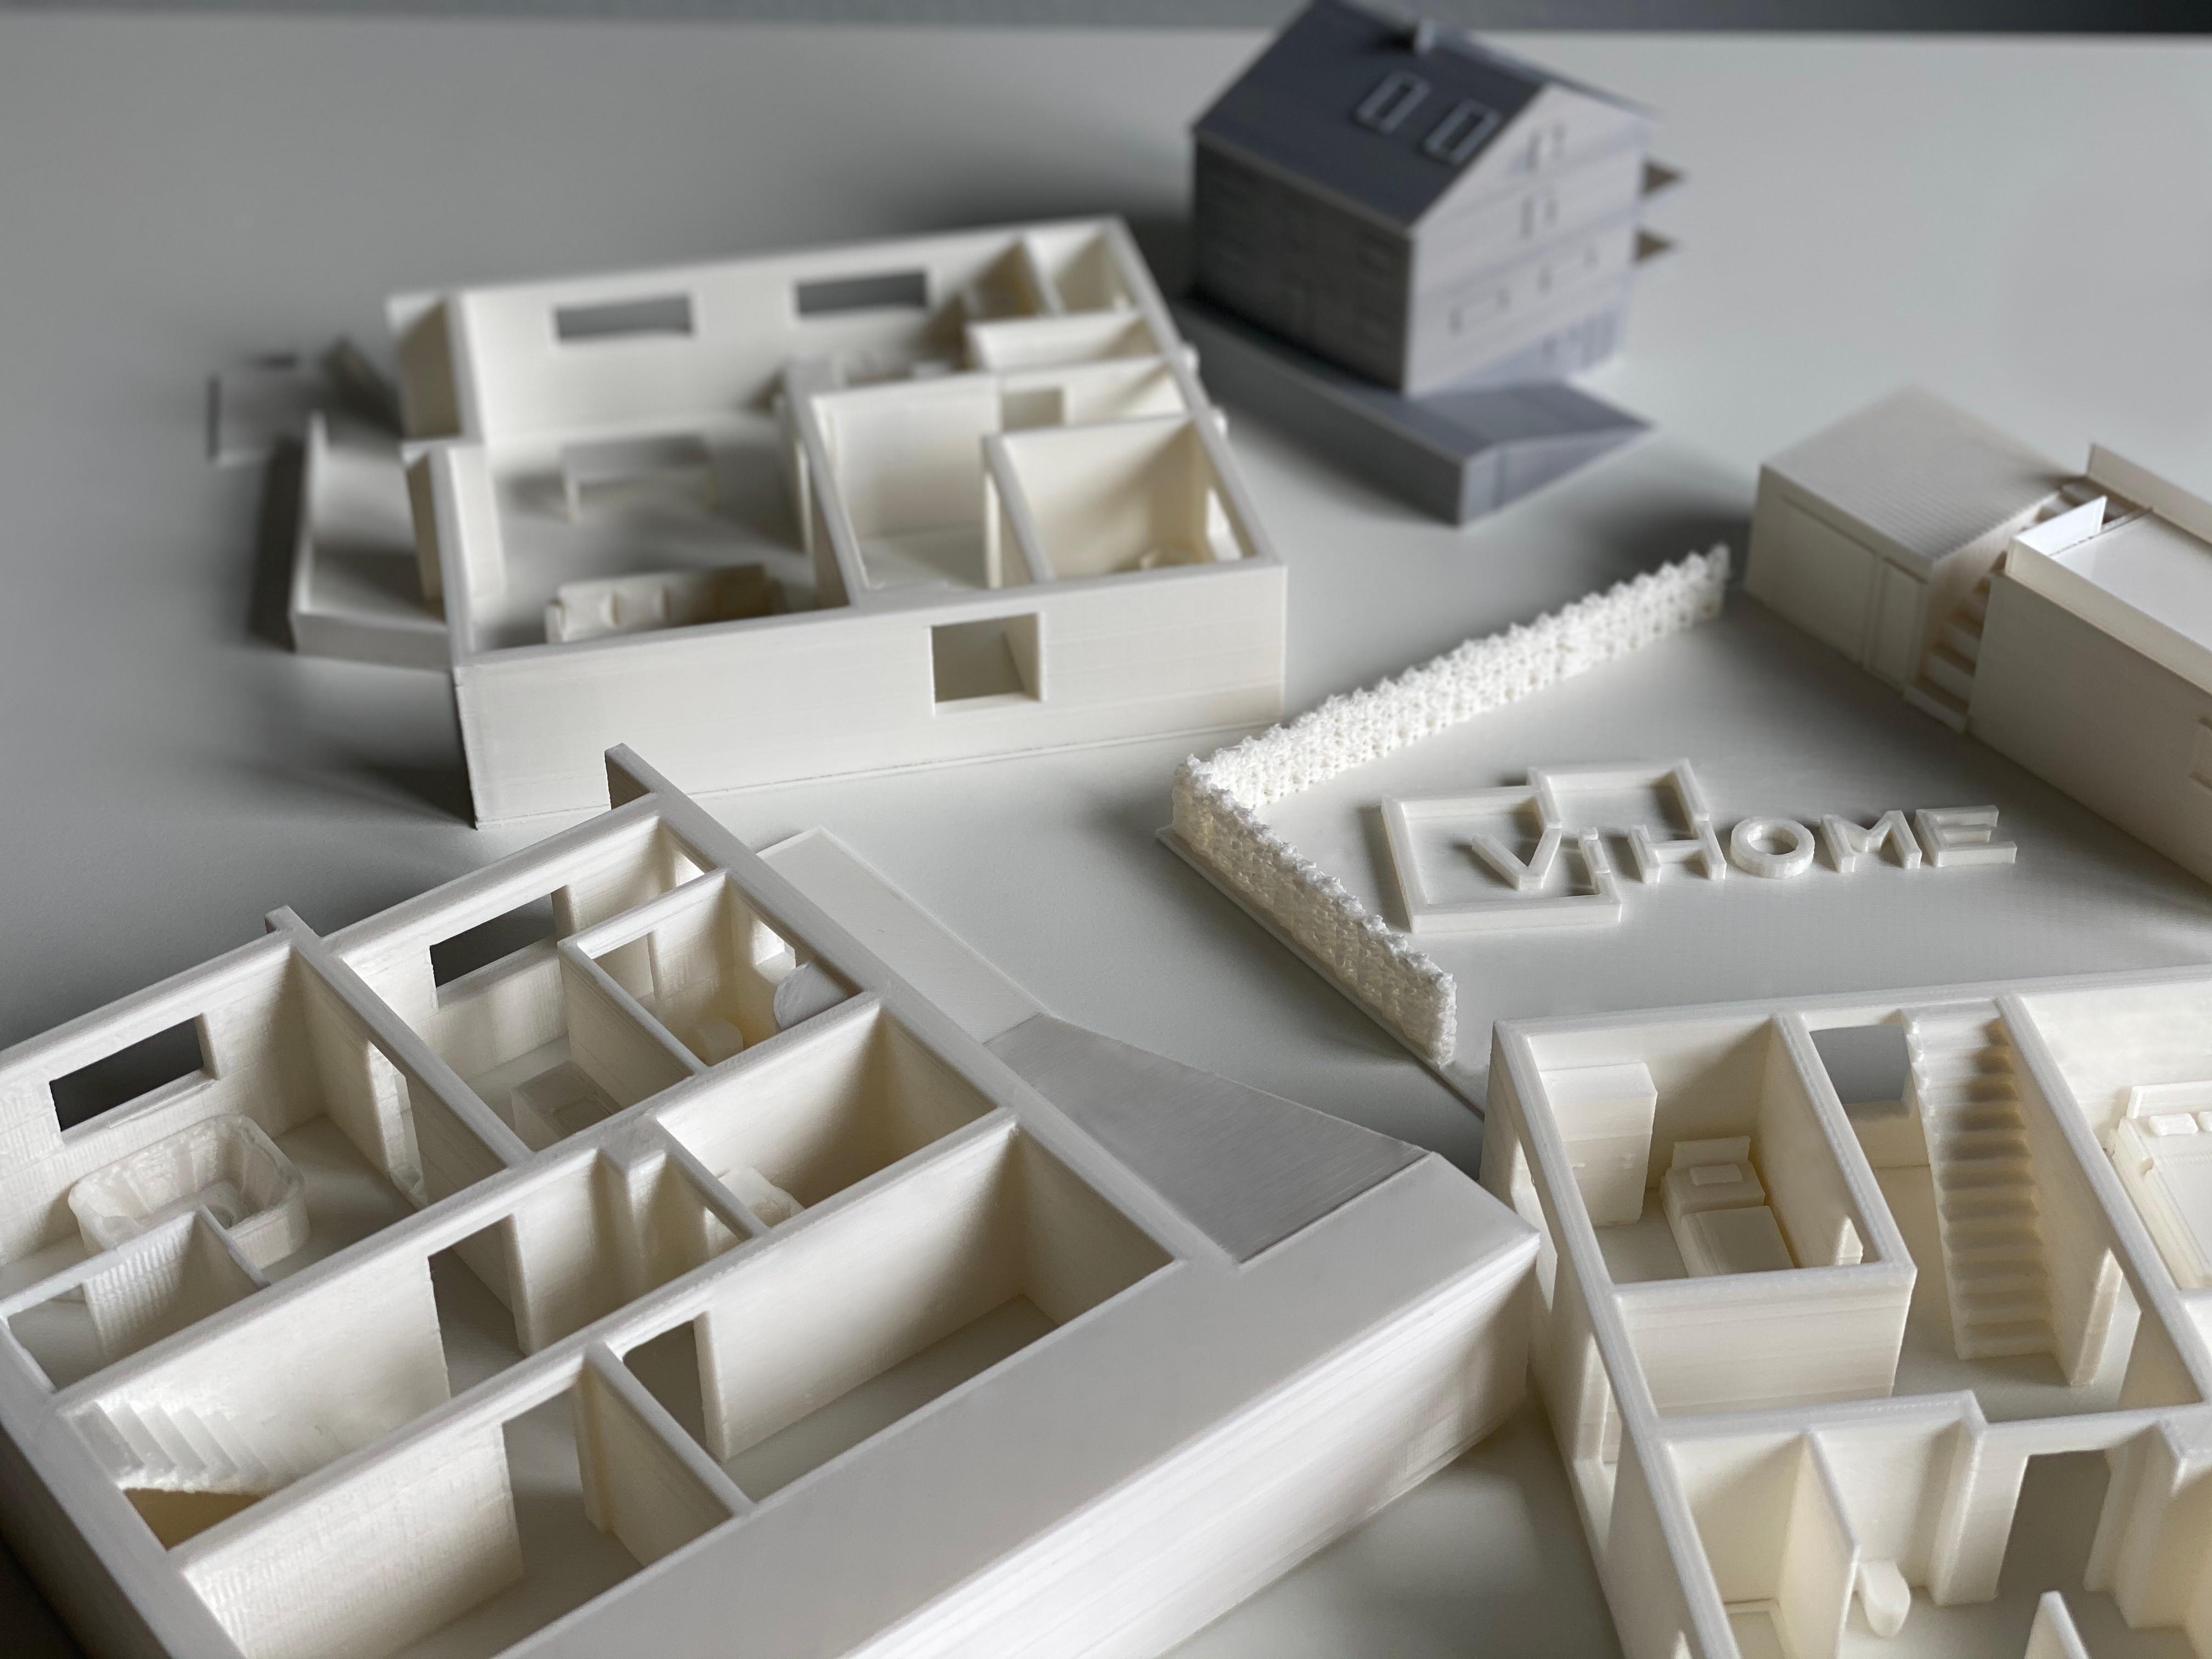 ViHOME 3D Druck Werbung.jpeg